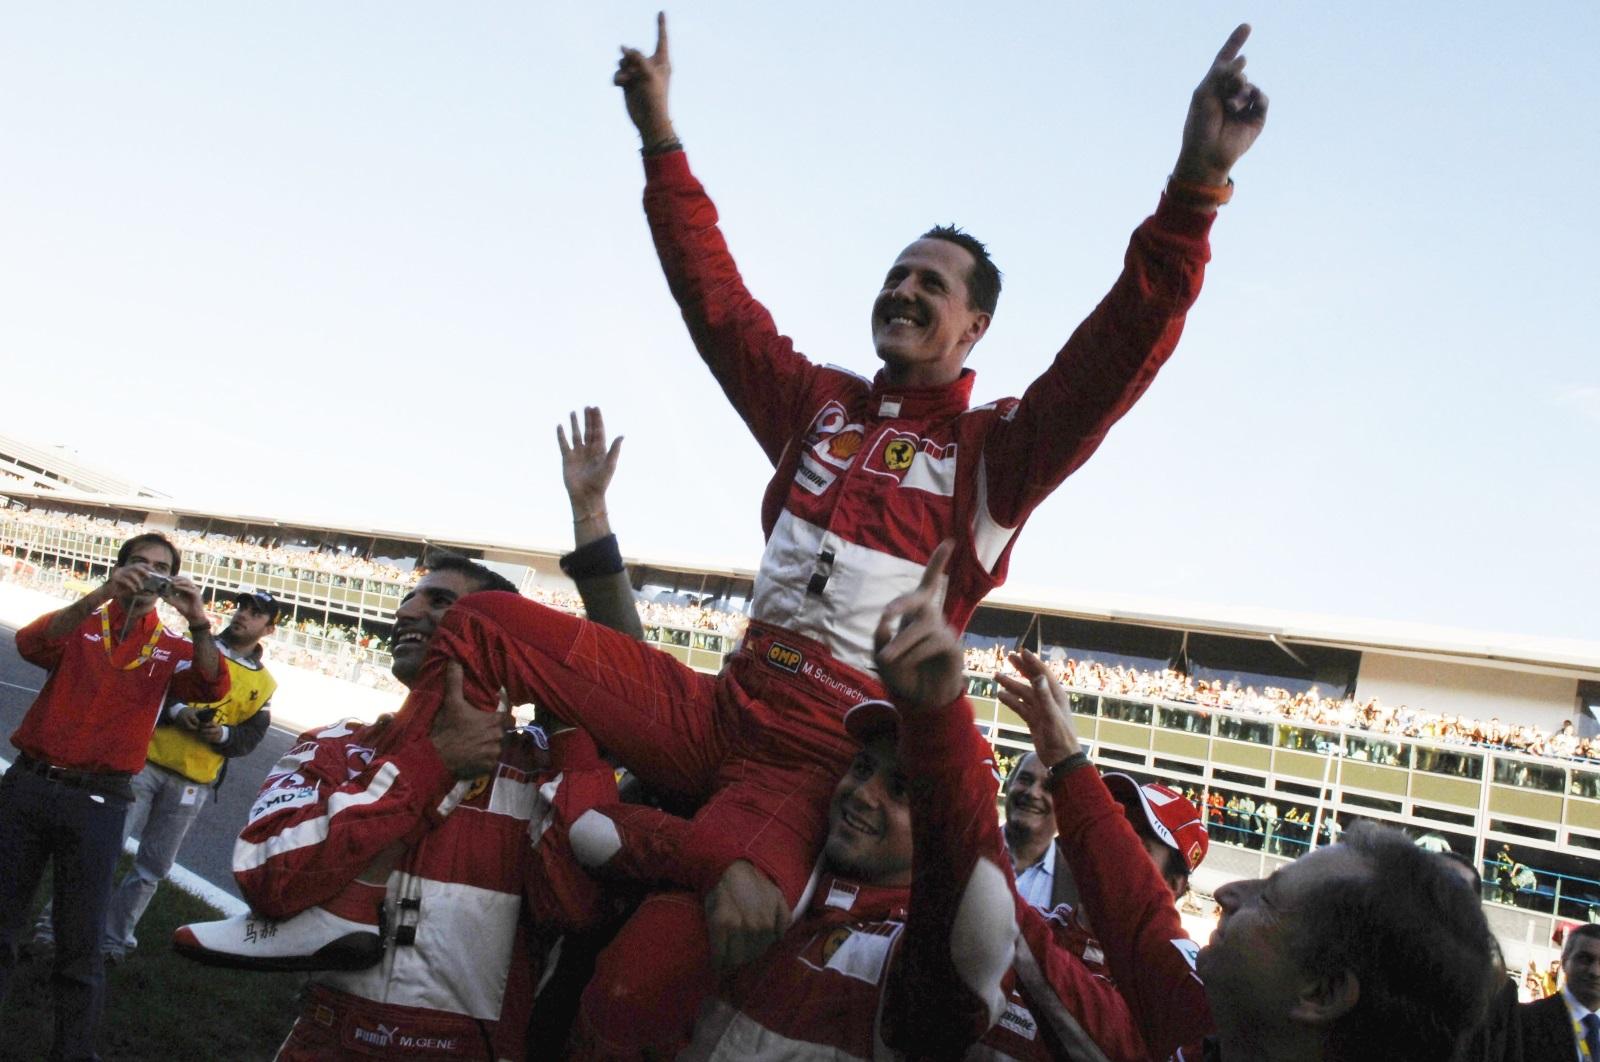 2. Шумахер е най-добрият пилот в историята с 91 спечелени състезания, 7 титли,77 най-бързи обиколки.